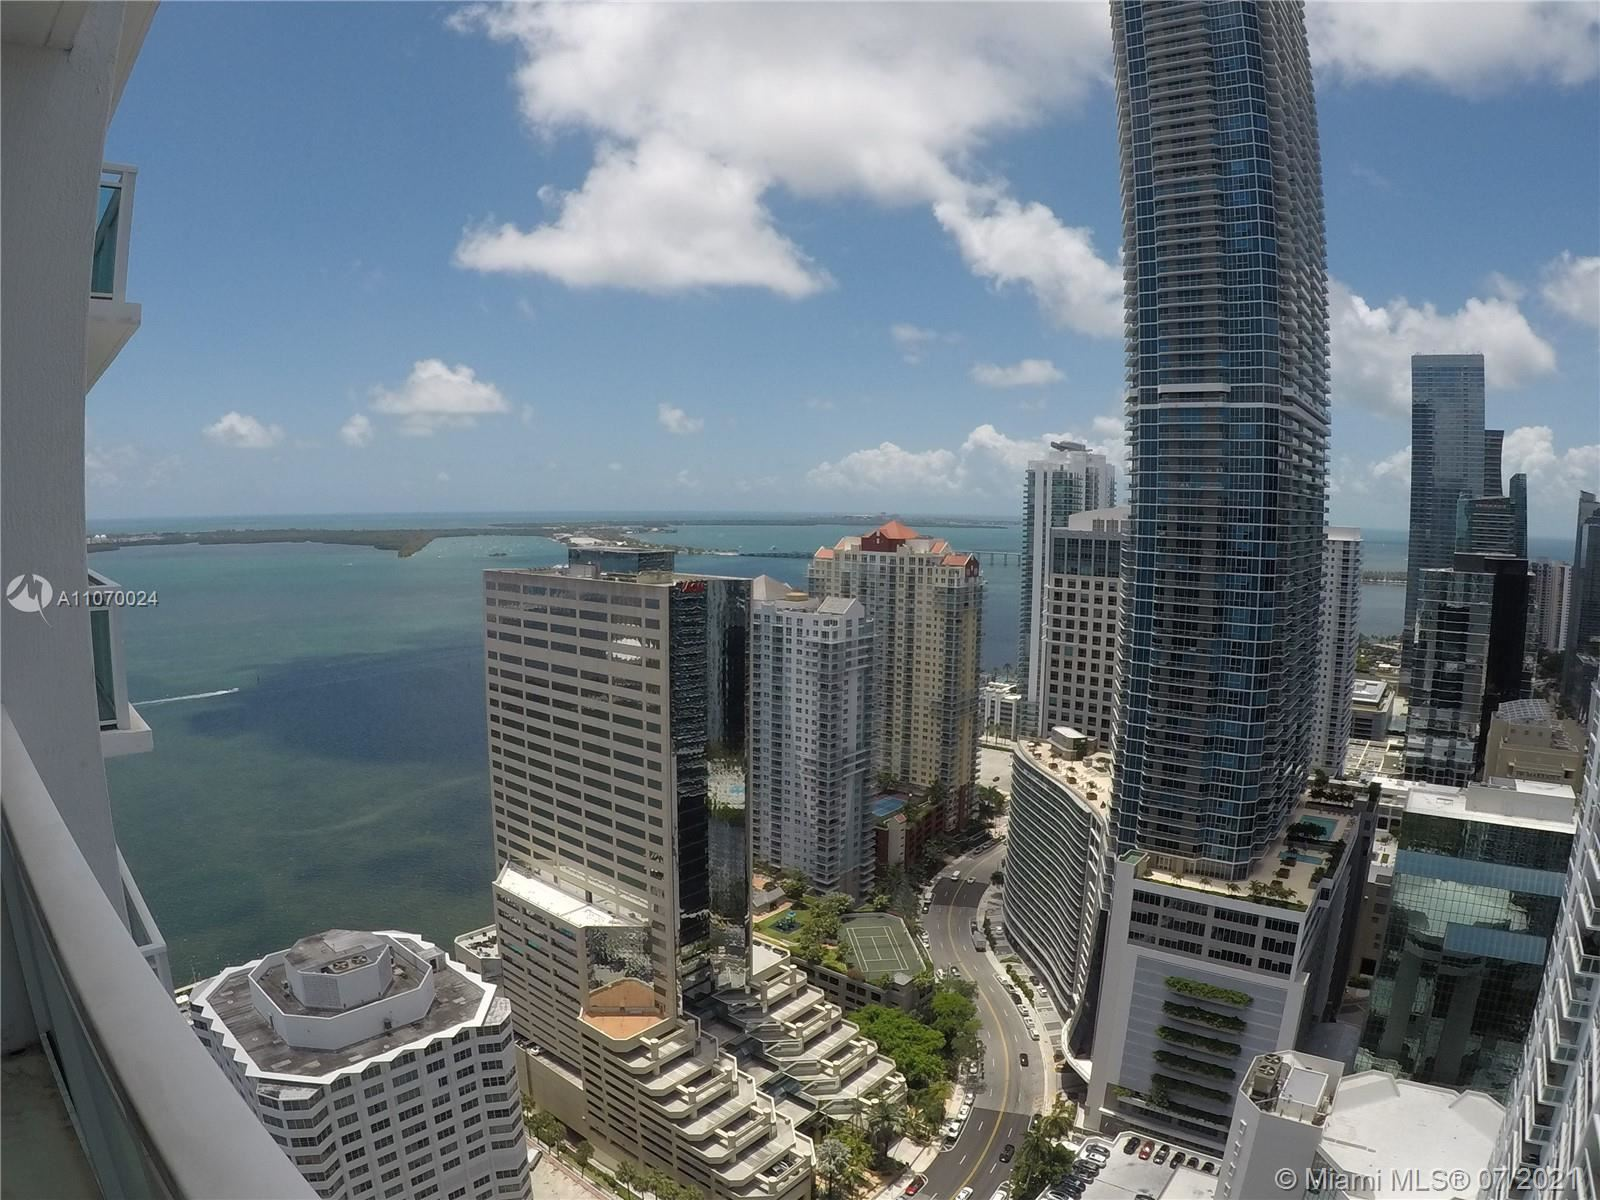 950 Brickell Bay Dr #4103, Miami, FL 33131 - #: A11070024